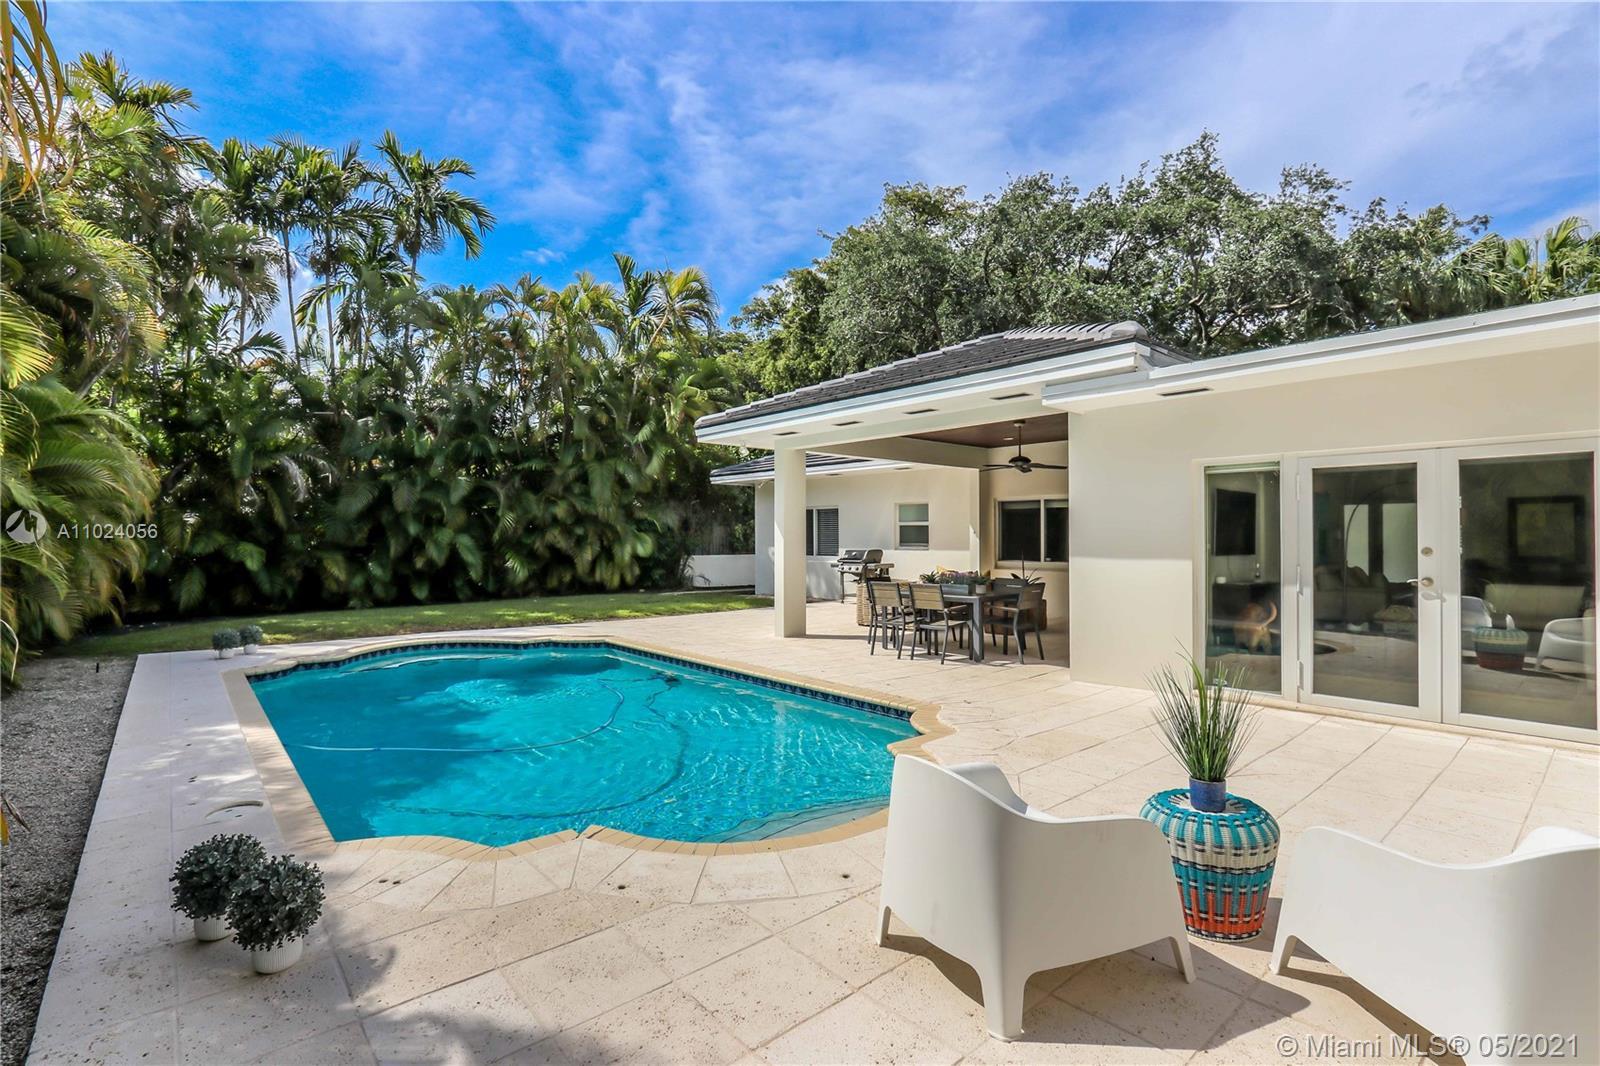 5701 Michelangelo St, Coral Gables, Florida 33146